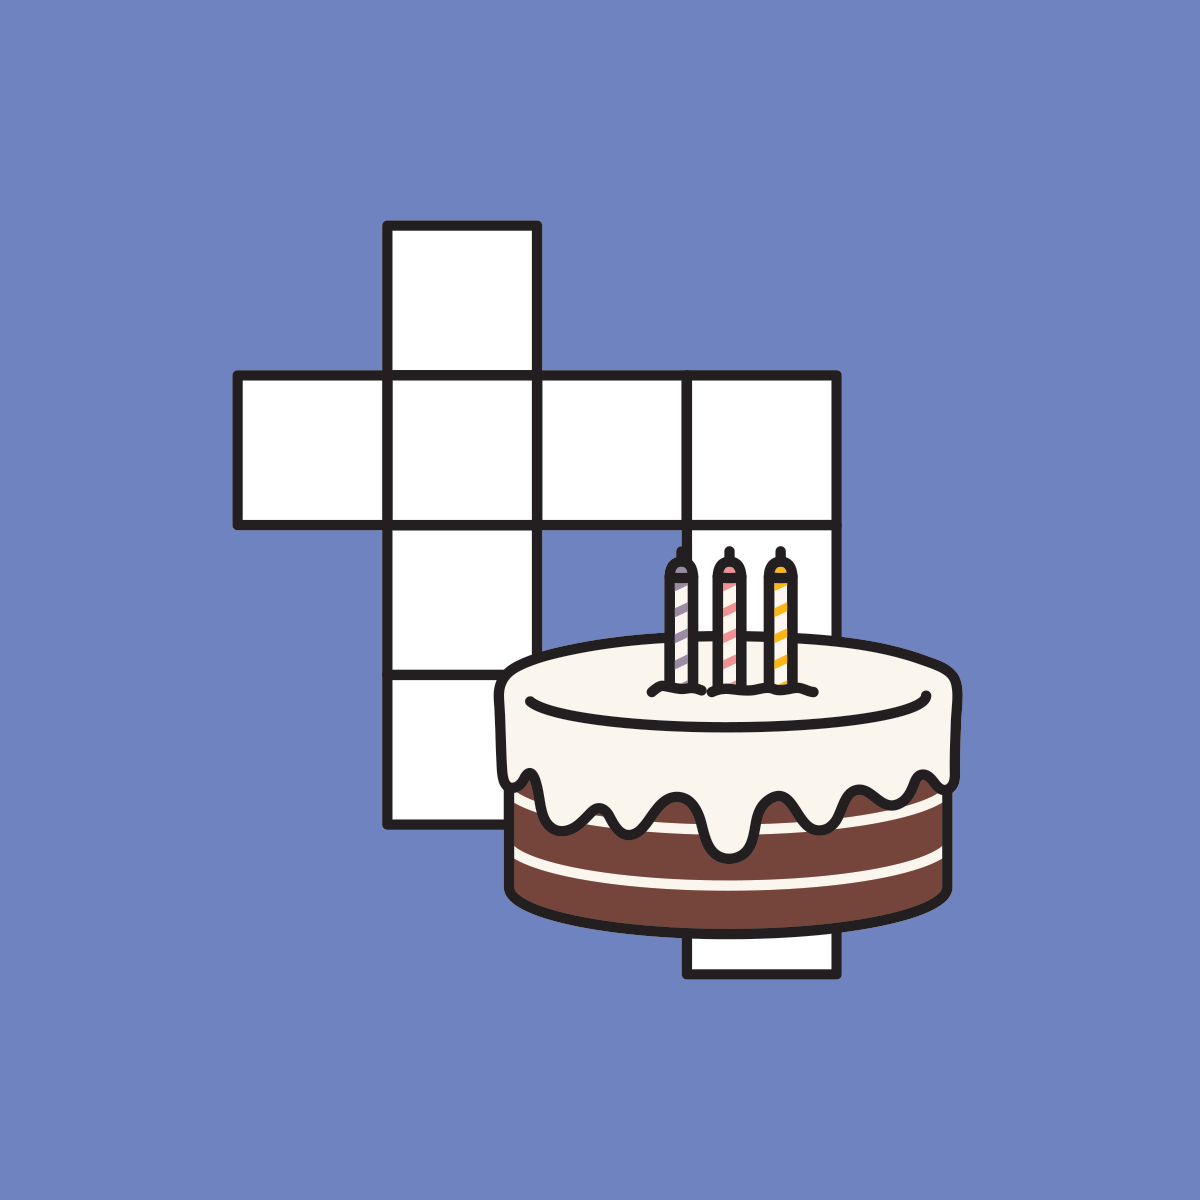 126 birthdays